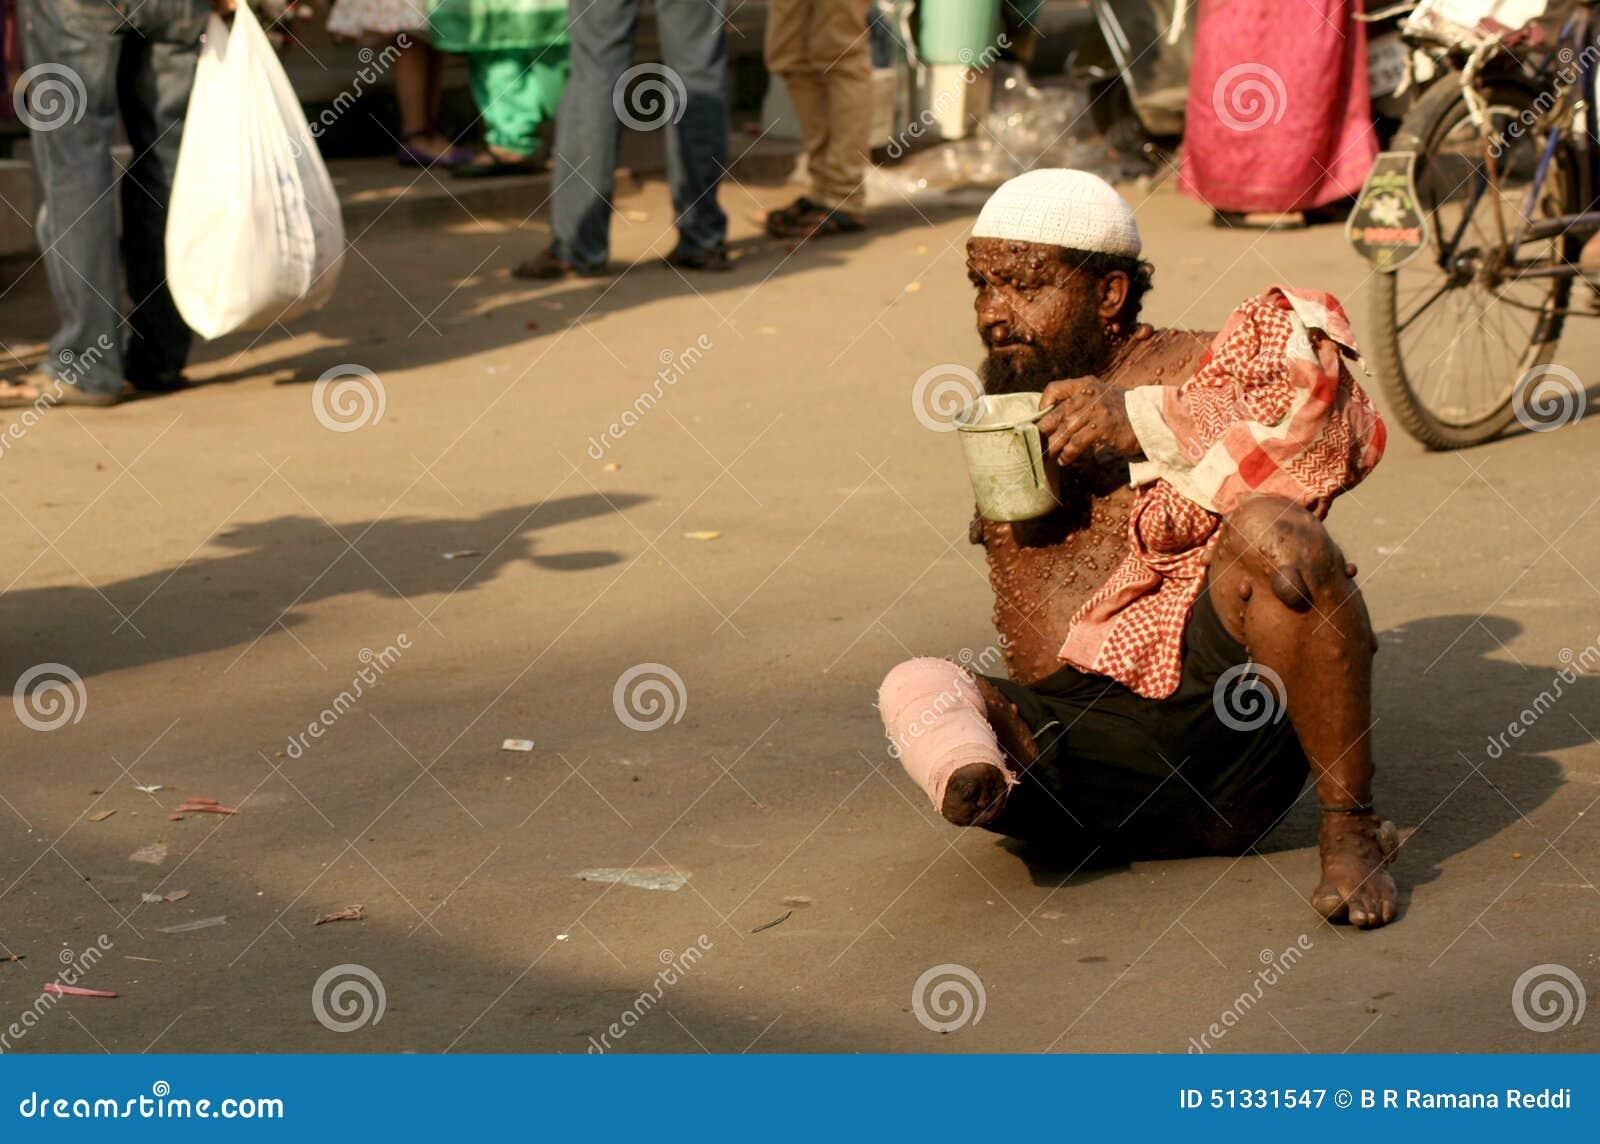 Beggar Children Clipart